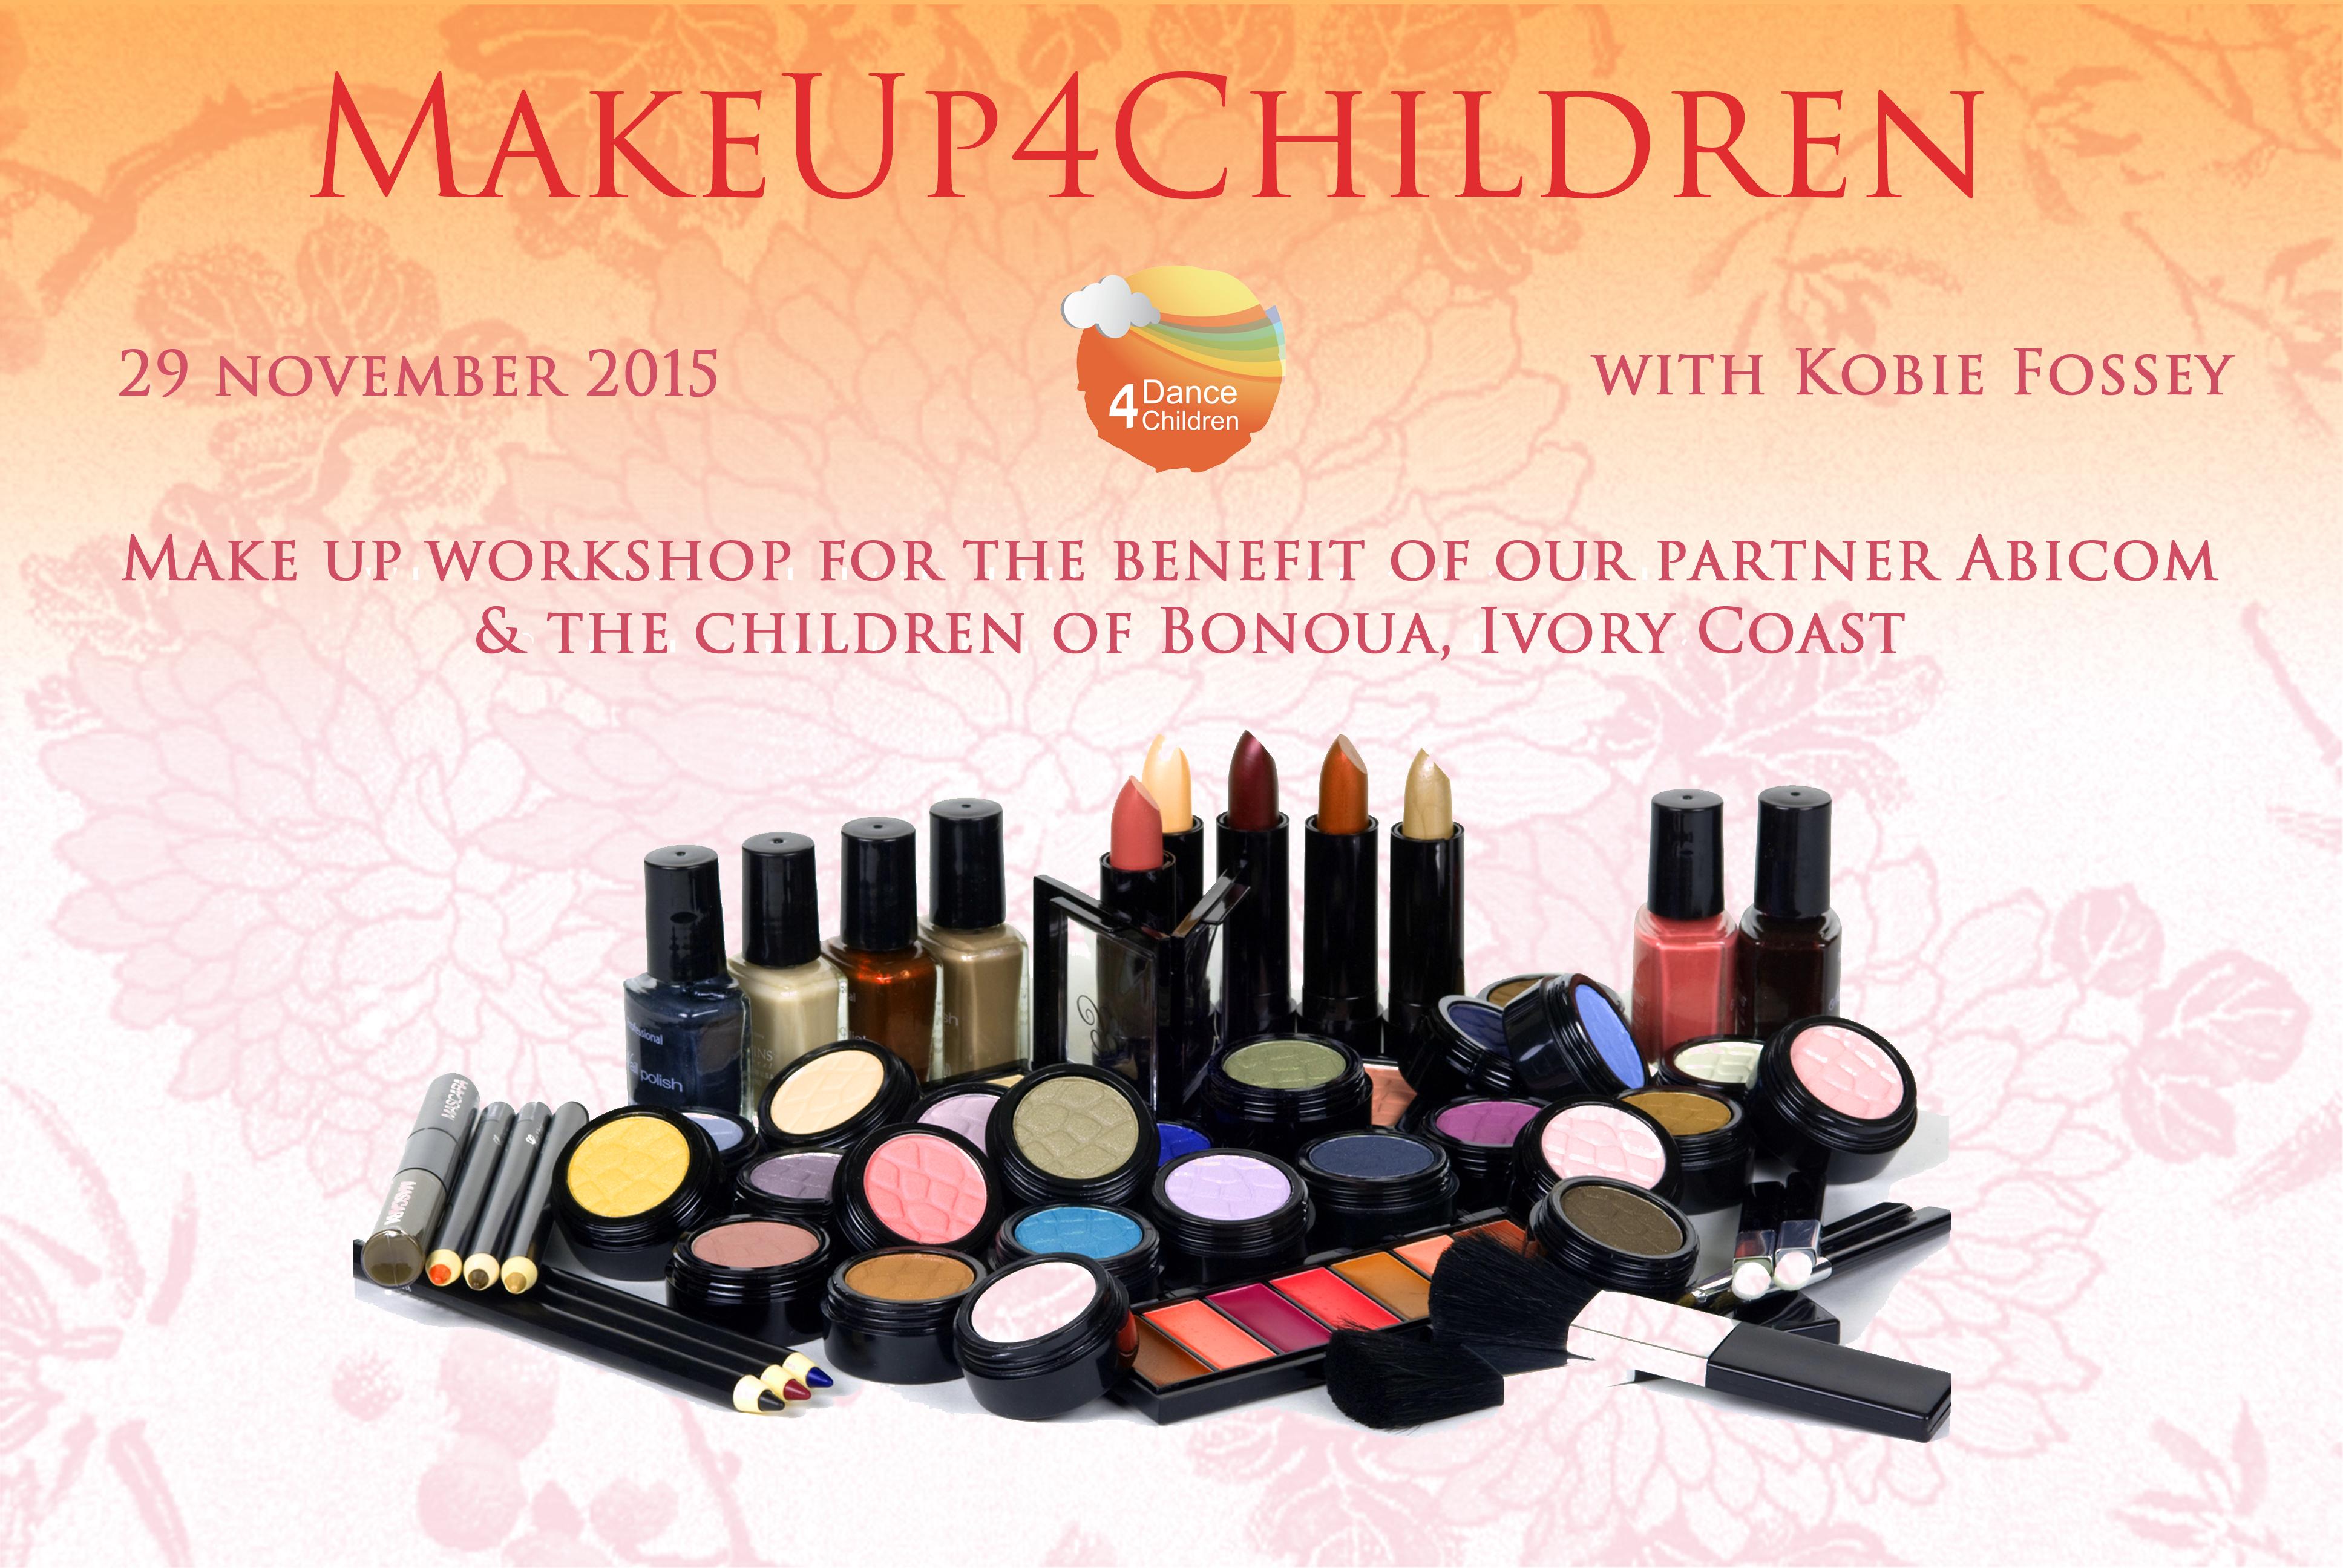 makeup4children2015